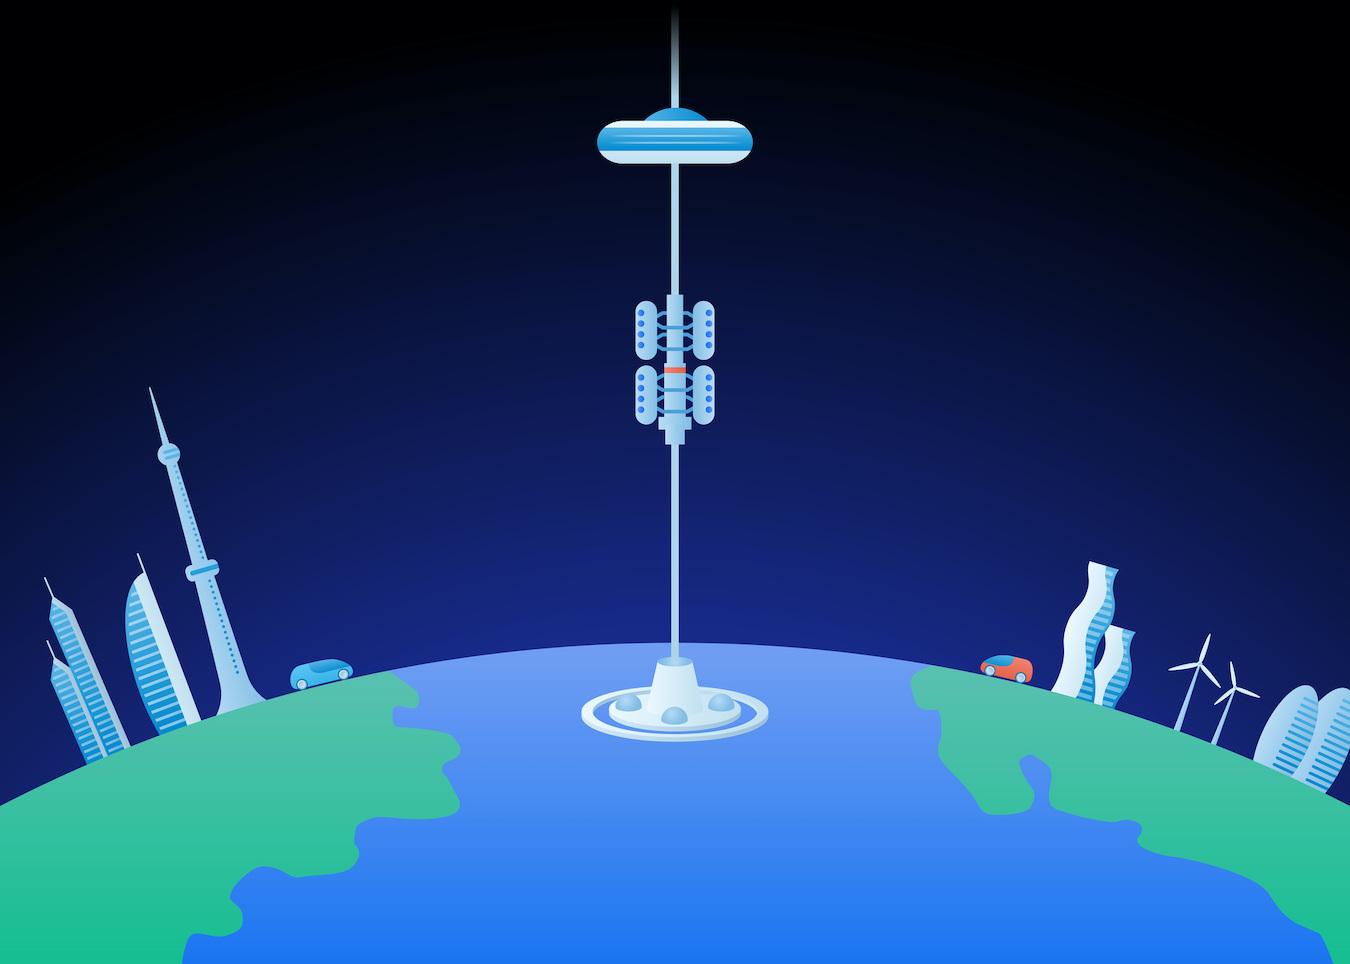 宇宙エレベーターが完成するとどんな良いことがある?